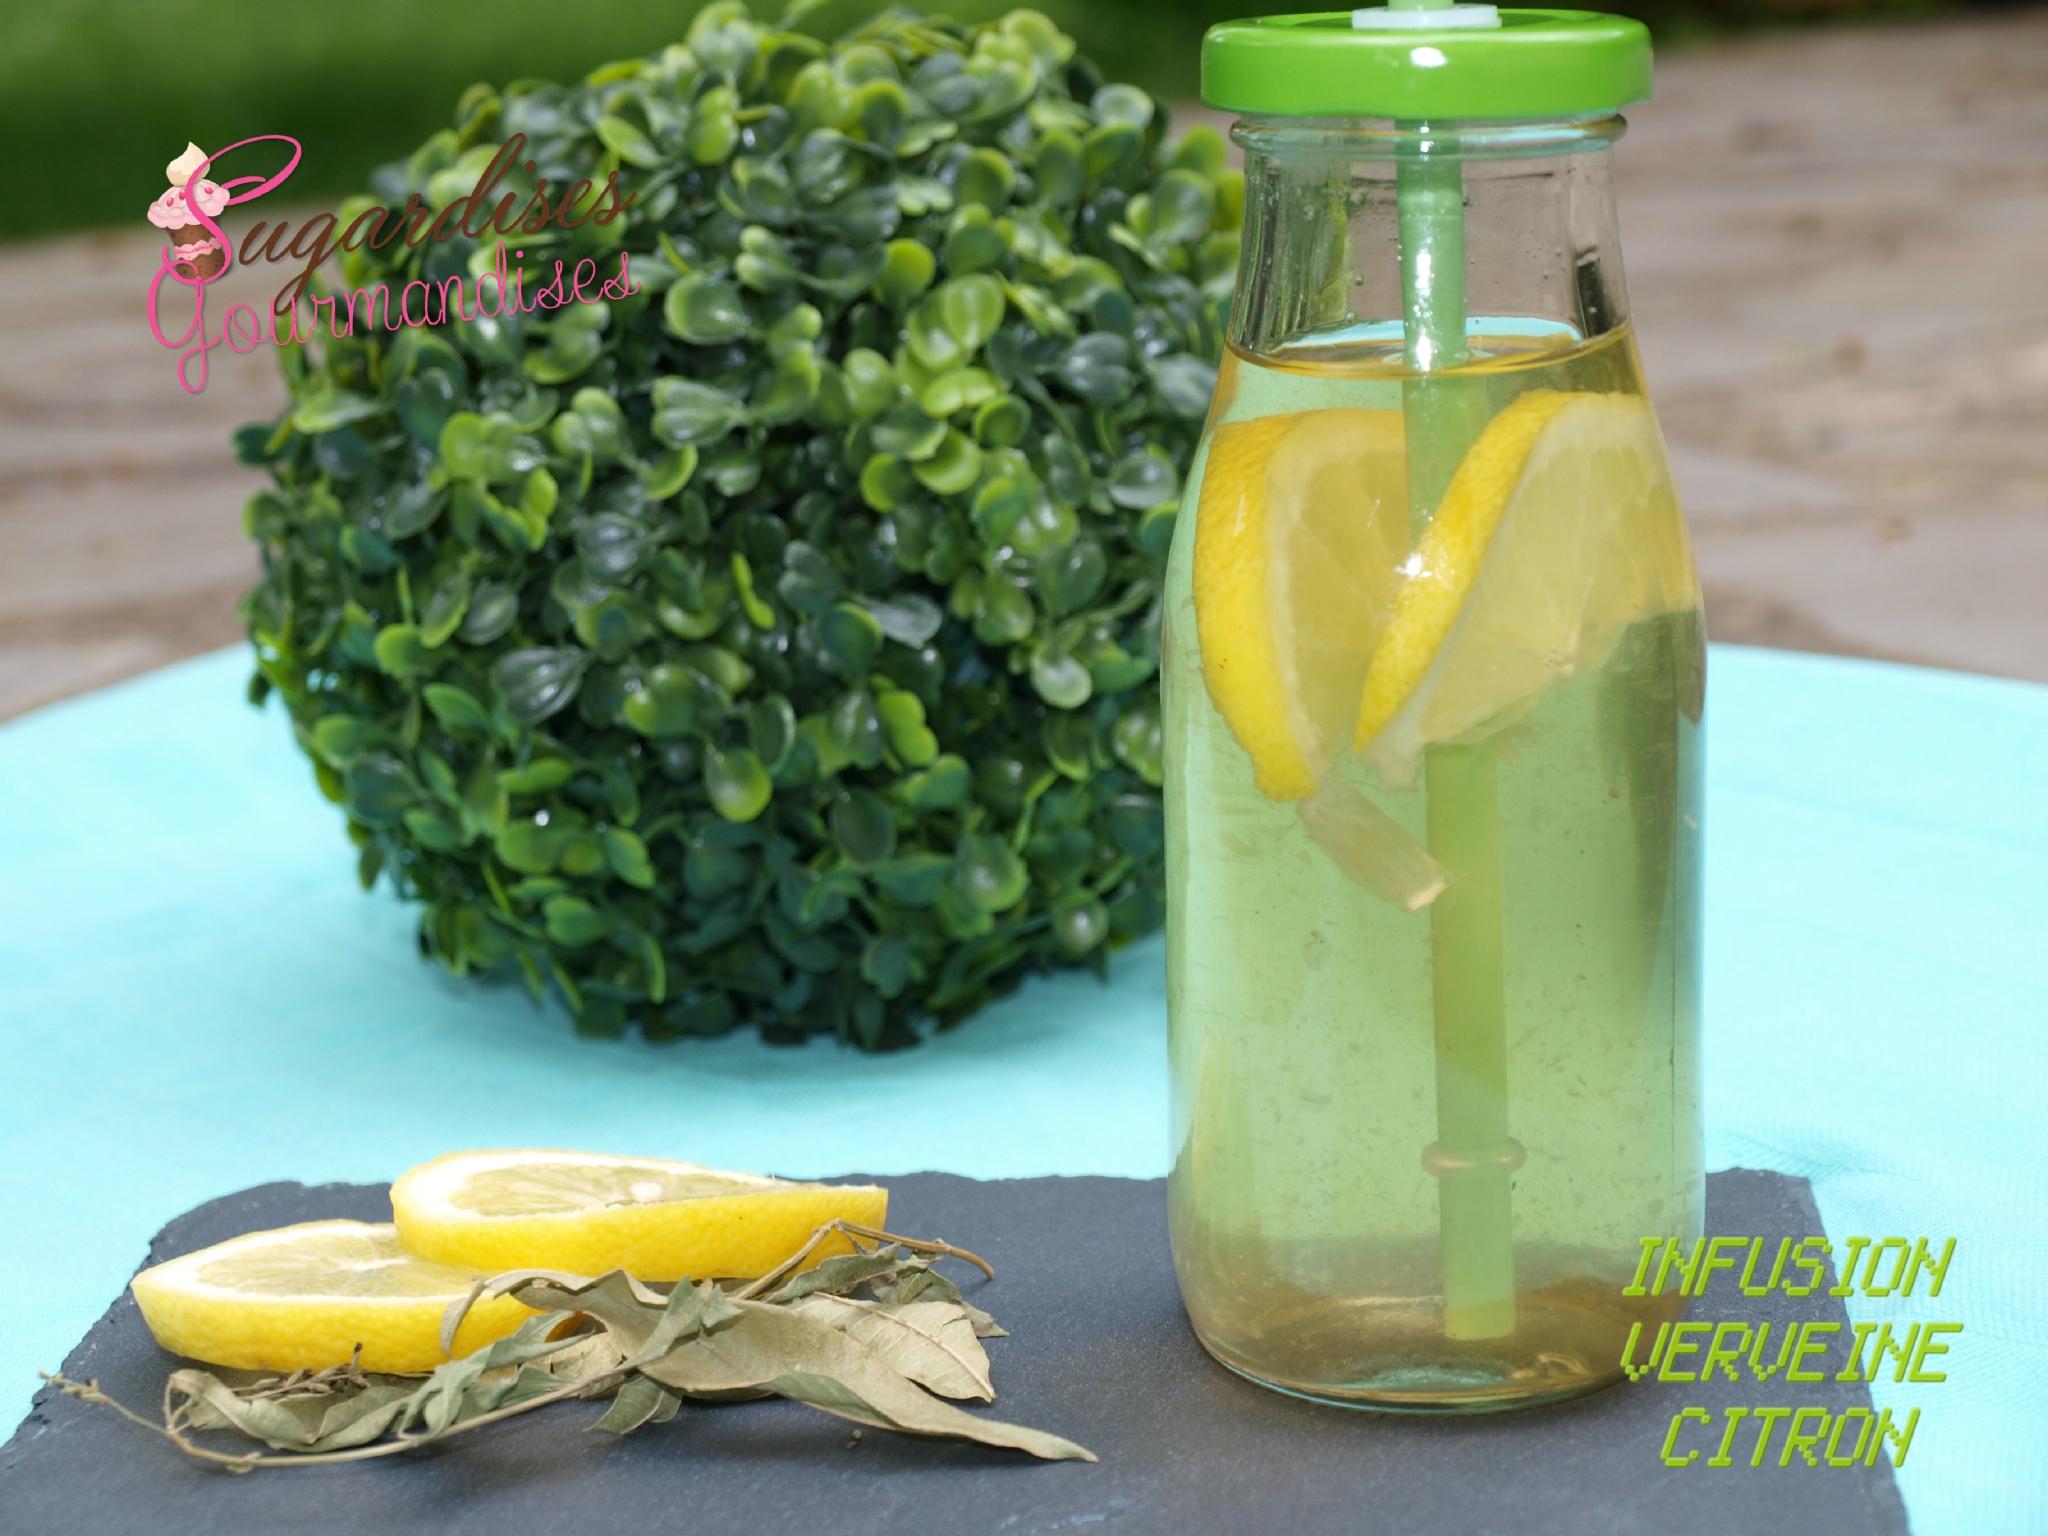 """INFUSION VERVEINE ET CITRON { defi culinaire """"le citron""""}"""